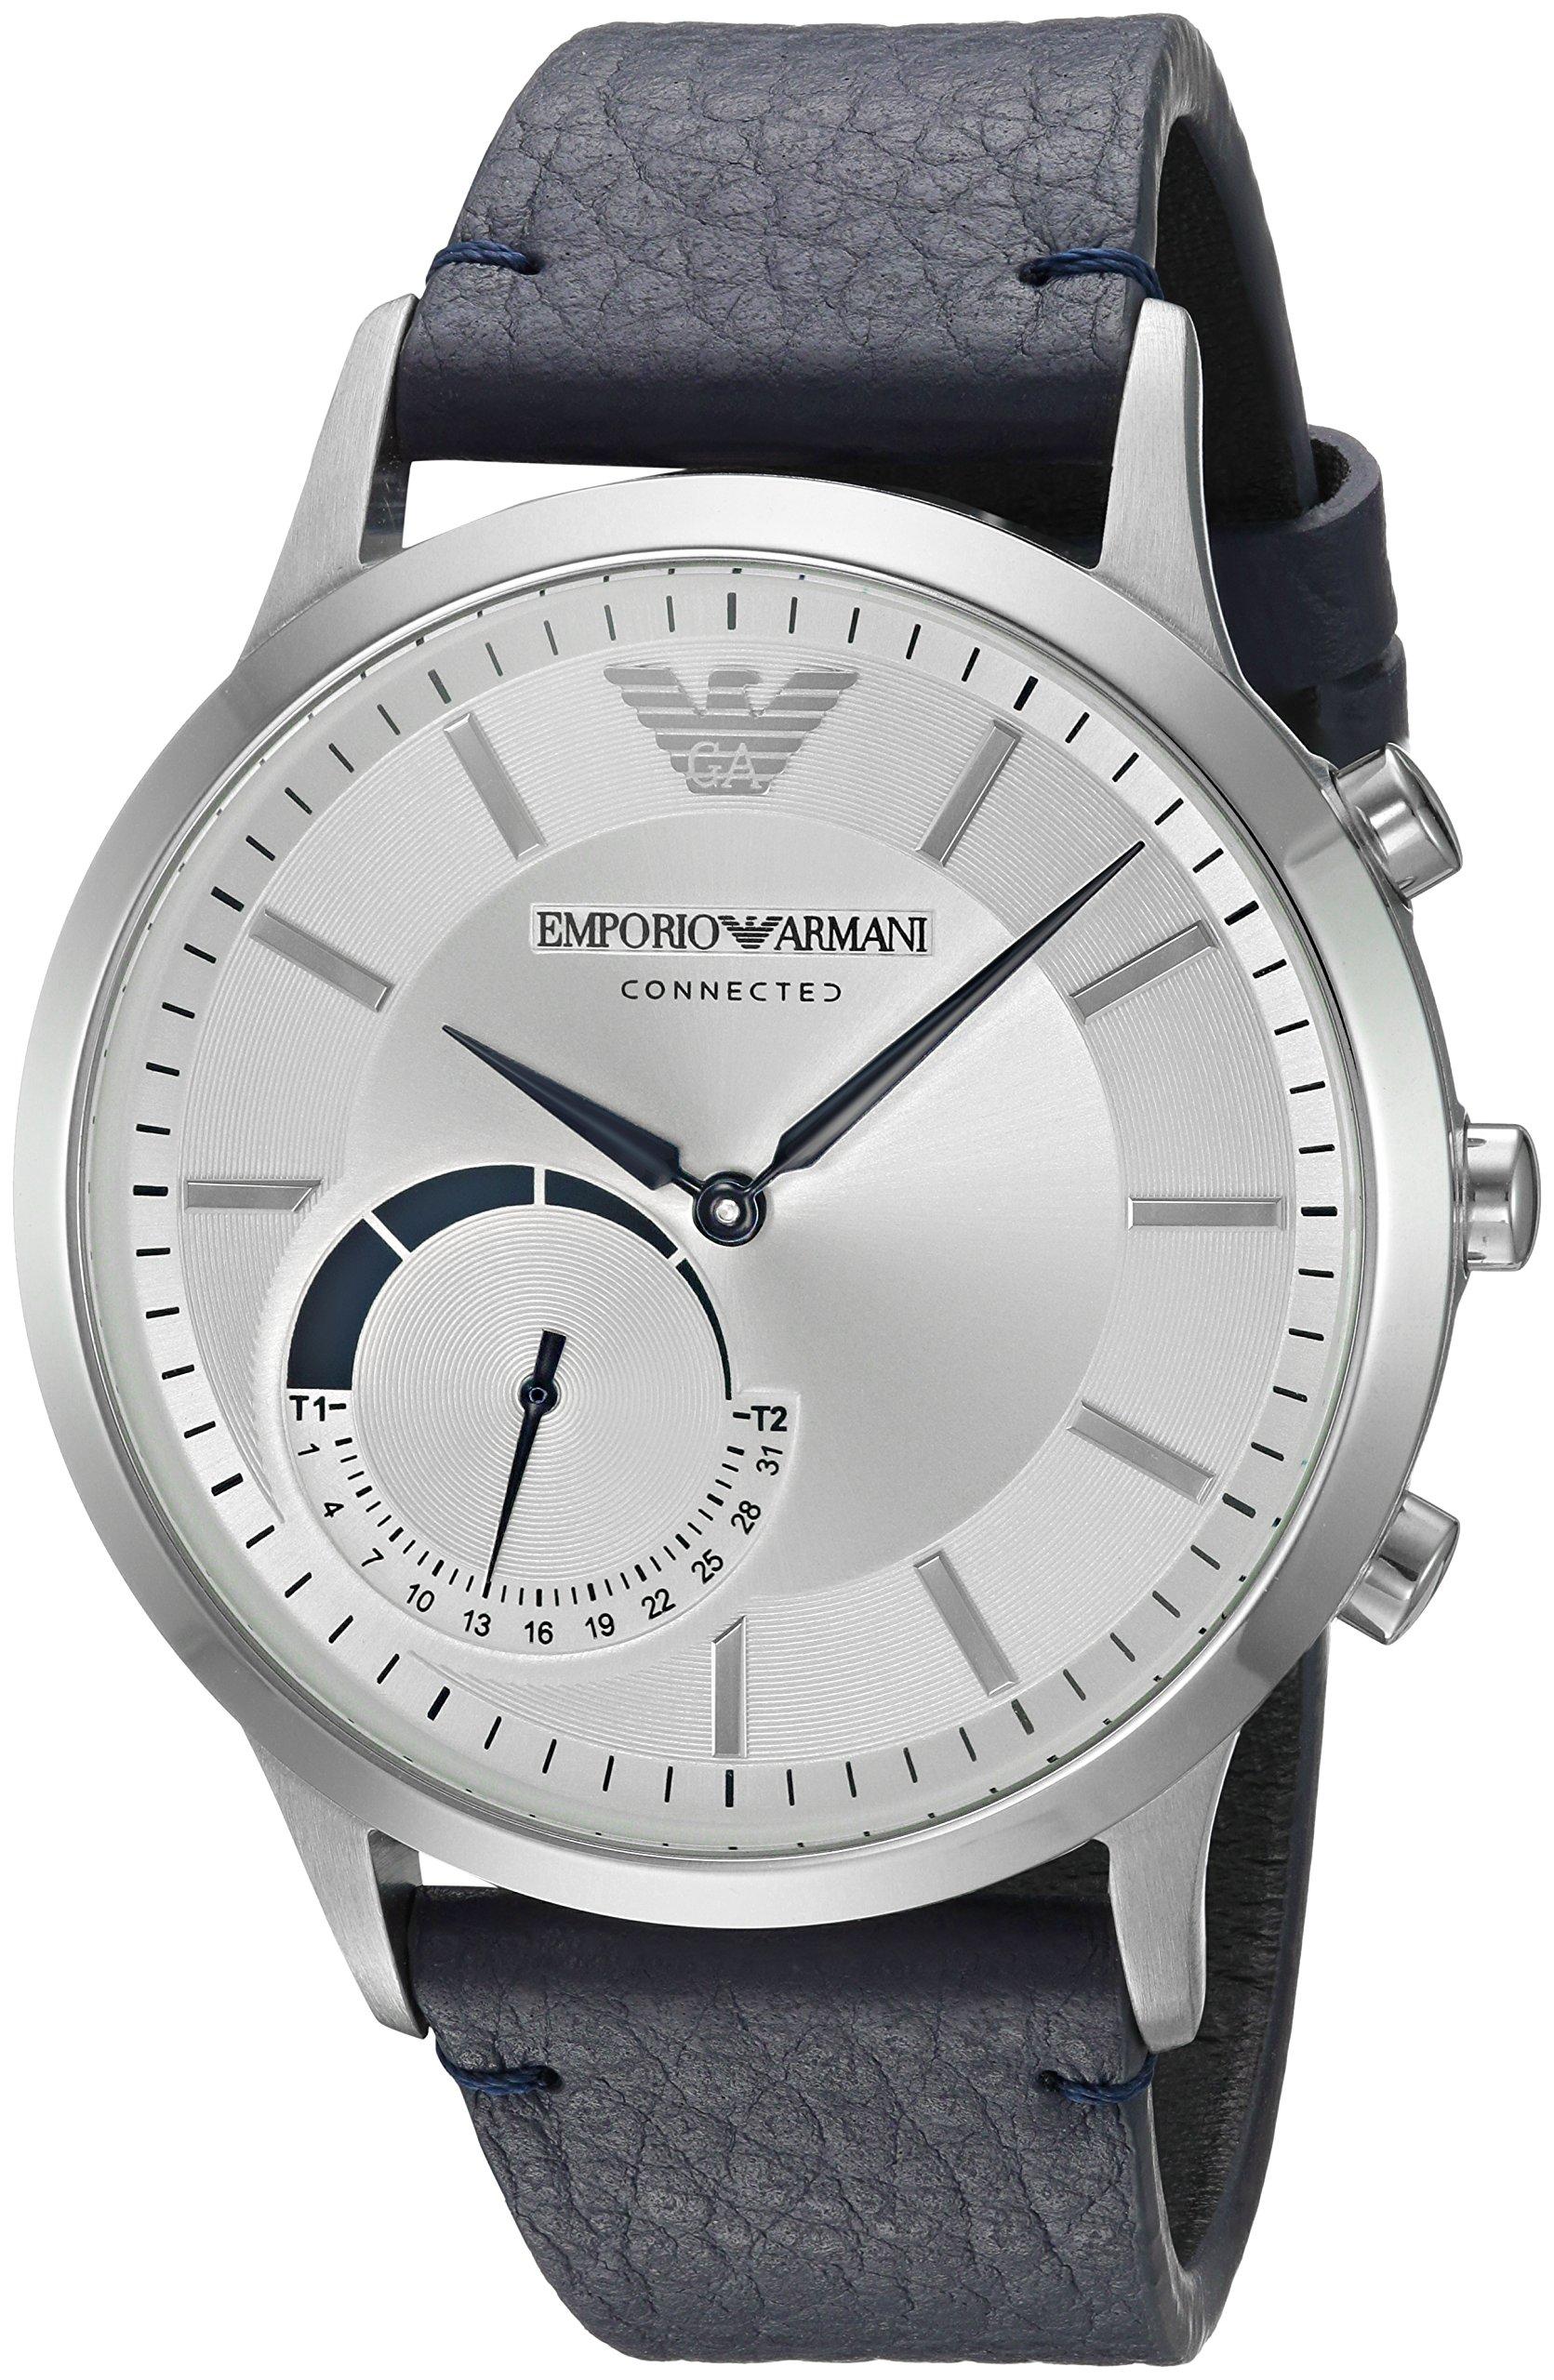 Emporio Armani Hybrid Smartwatch ART3003 by Emporio Armani